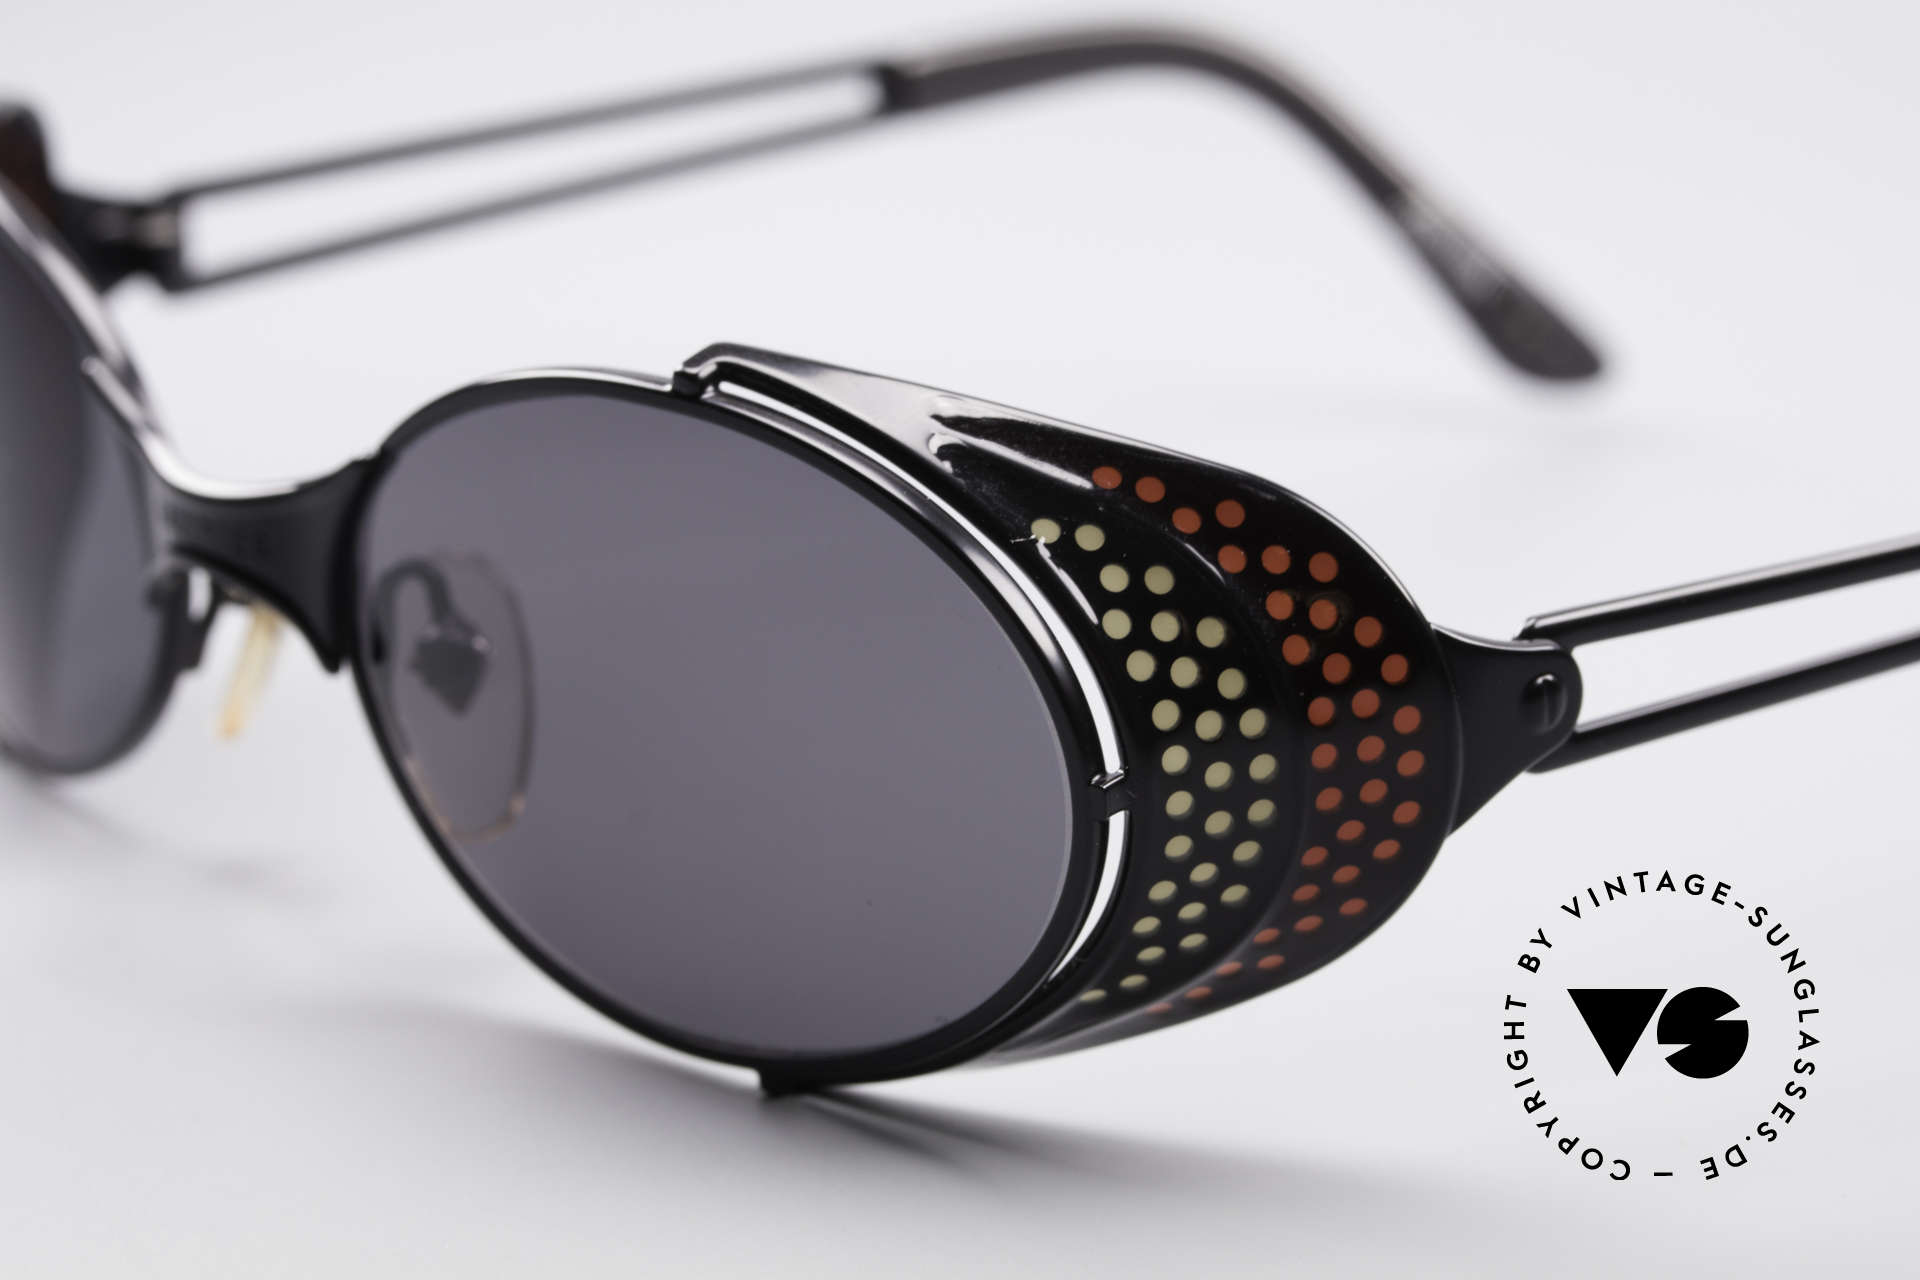 Jean Paul Gaultier 56-7109 JPG Steampunk Sonnenbrille, also einer Sicht auf die Zukunft, aus einer früheren Zeit, Passend für Herren und Damen